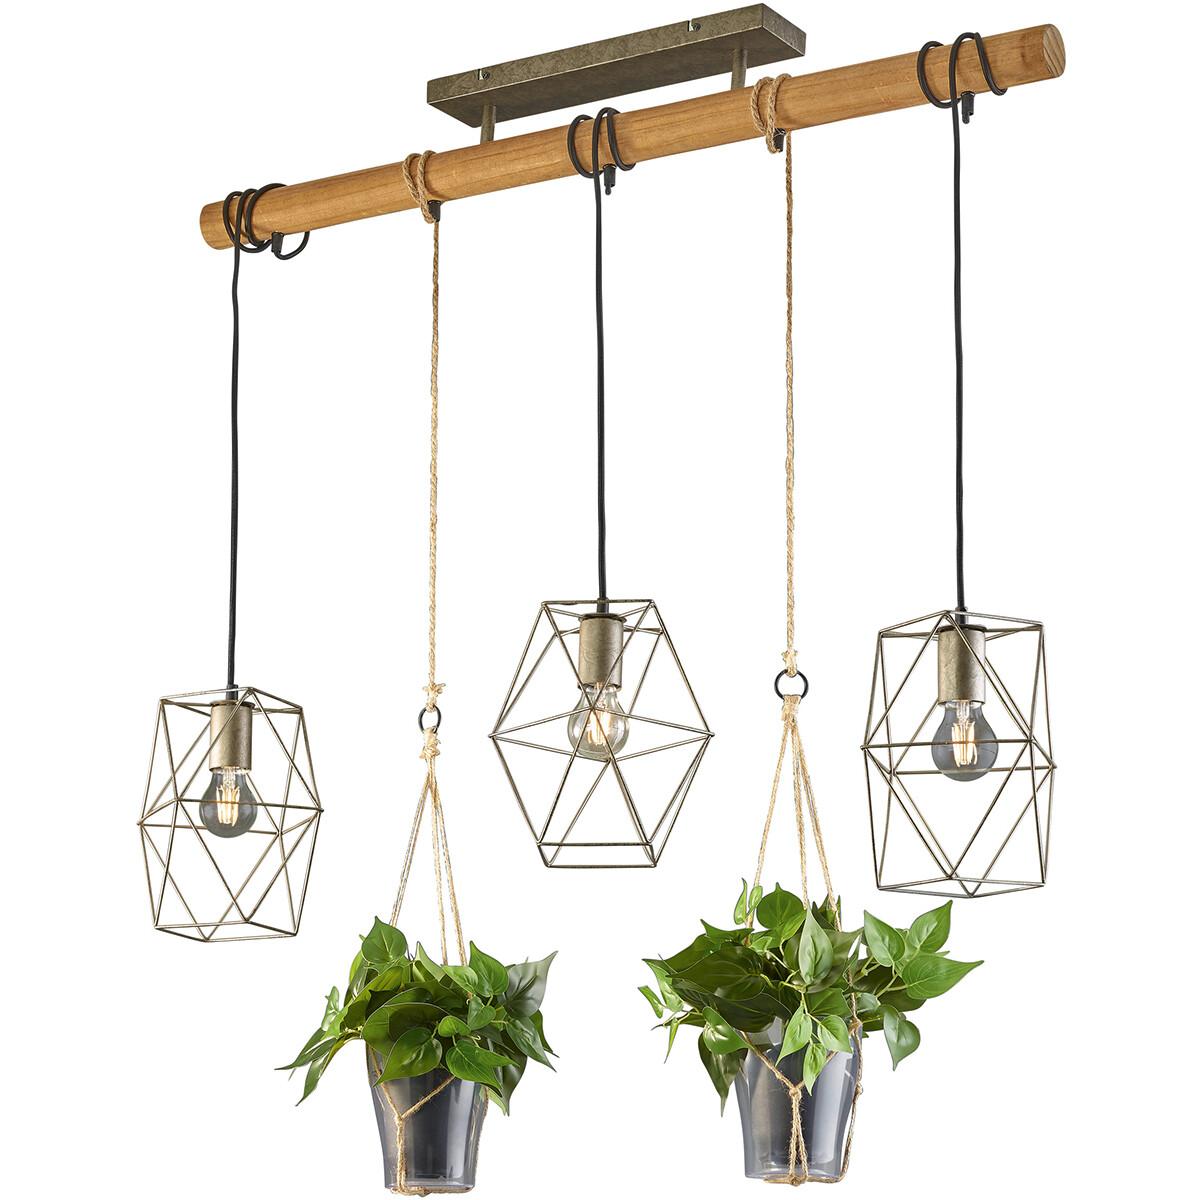 LED Hanglamp - Trion Plantan - E27 Fitting - 3-lichts - Rechthoek - Antiek Nikkel - Aluminium